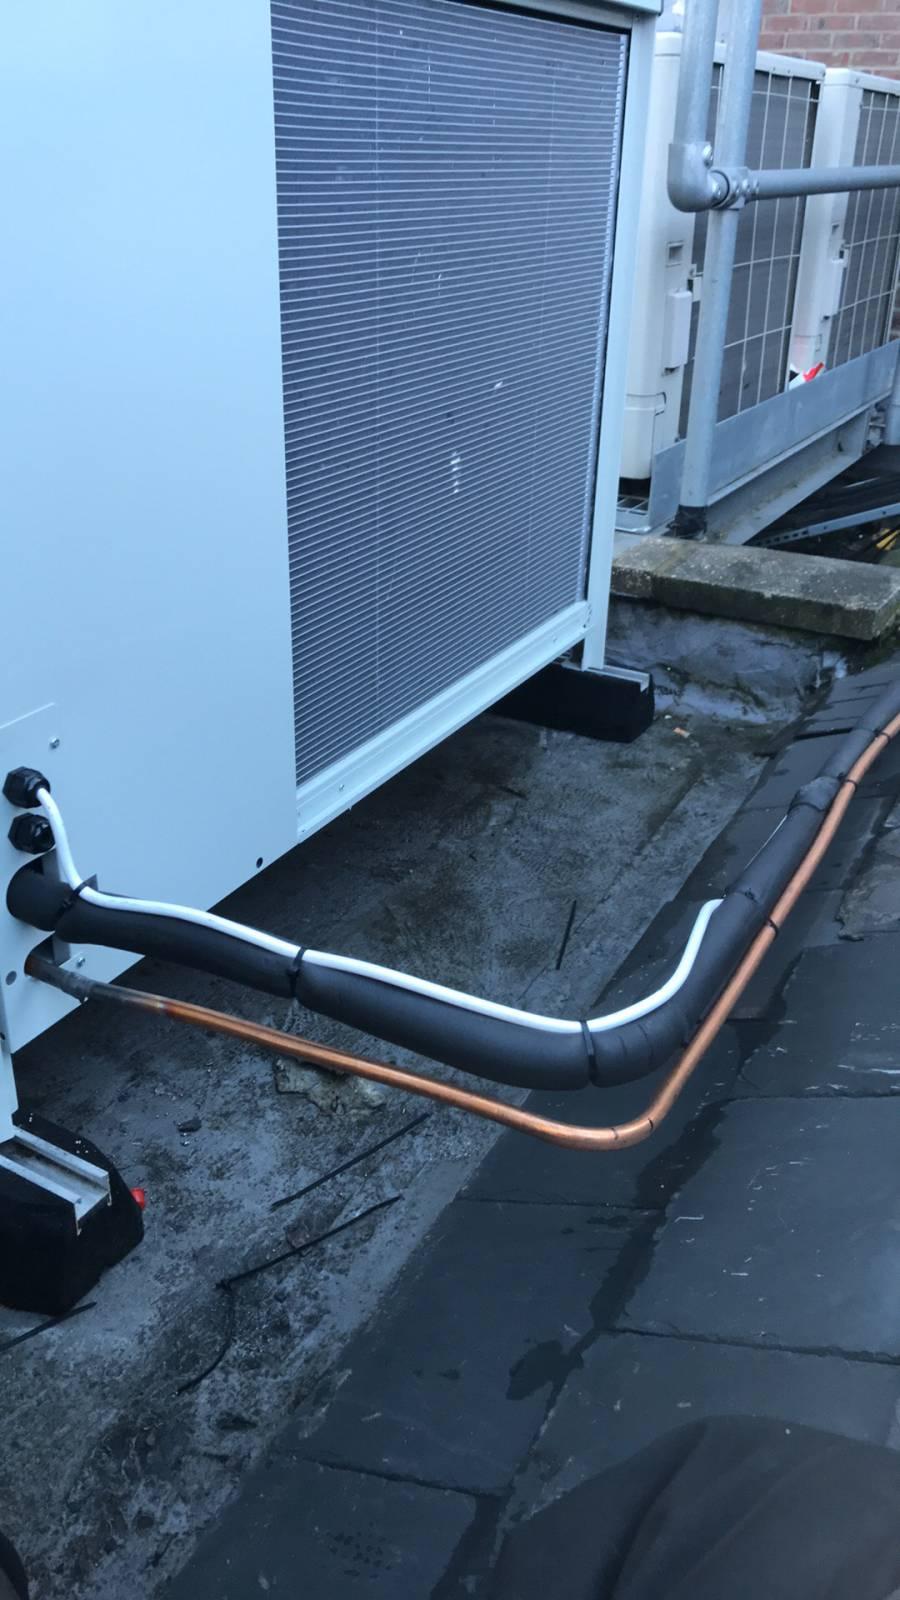 hvac-installation-london-hvac-maintenance-london